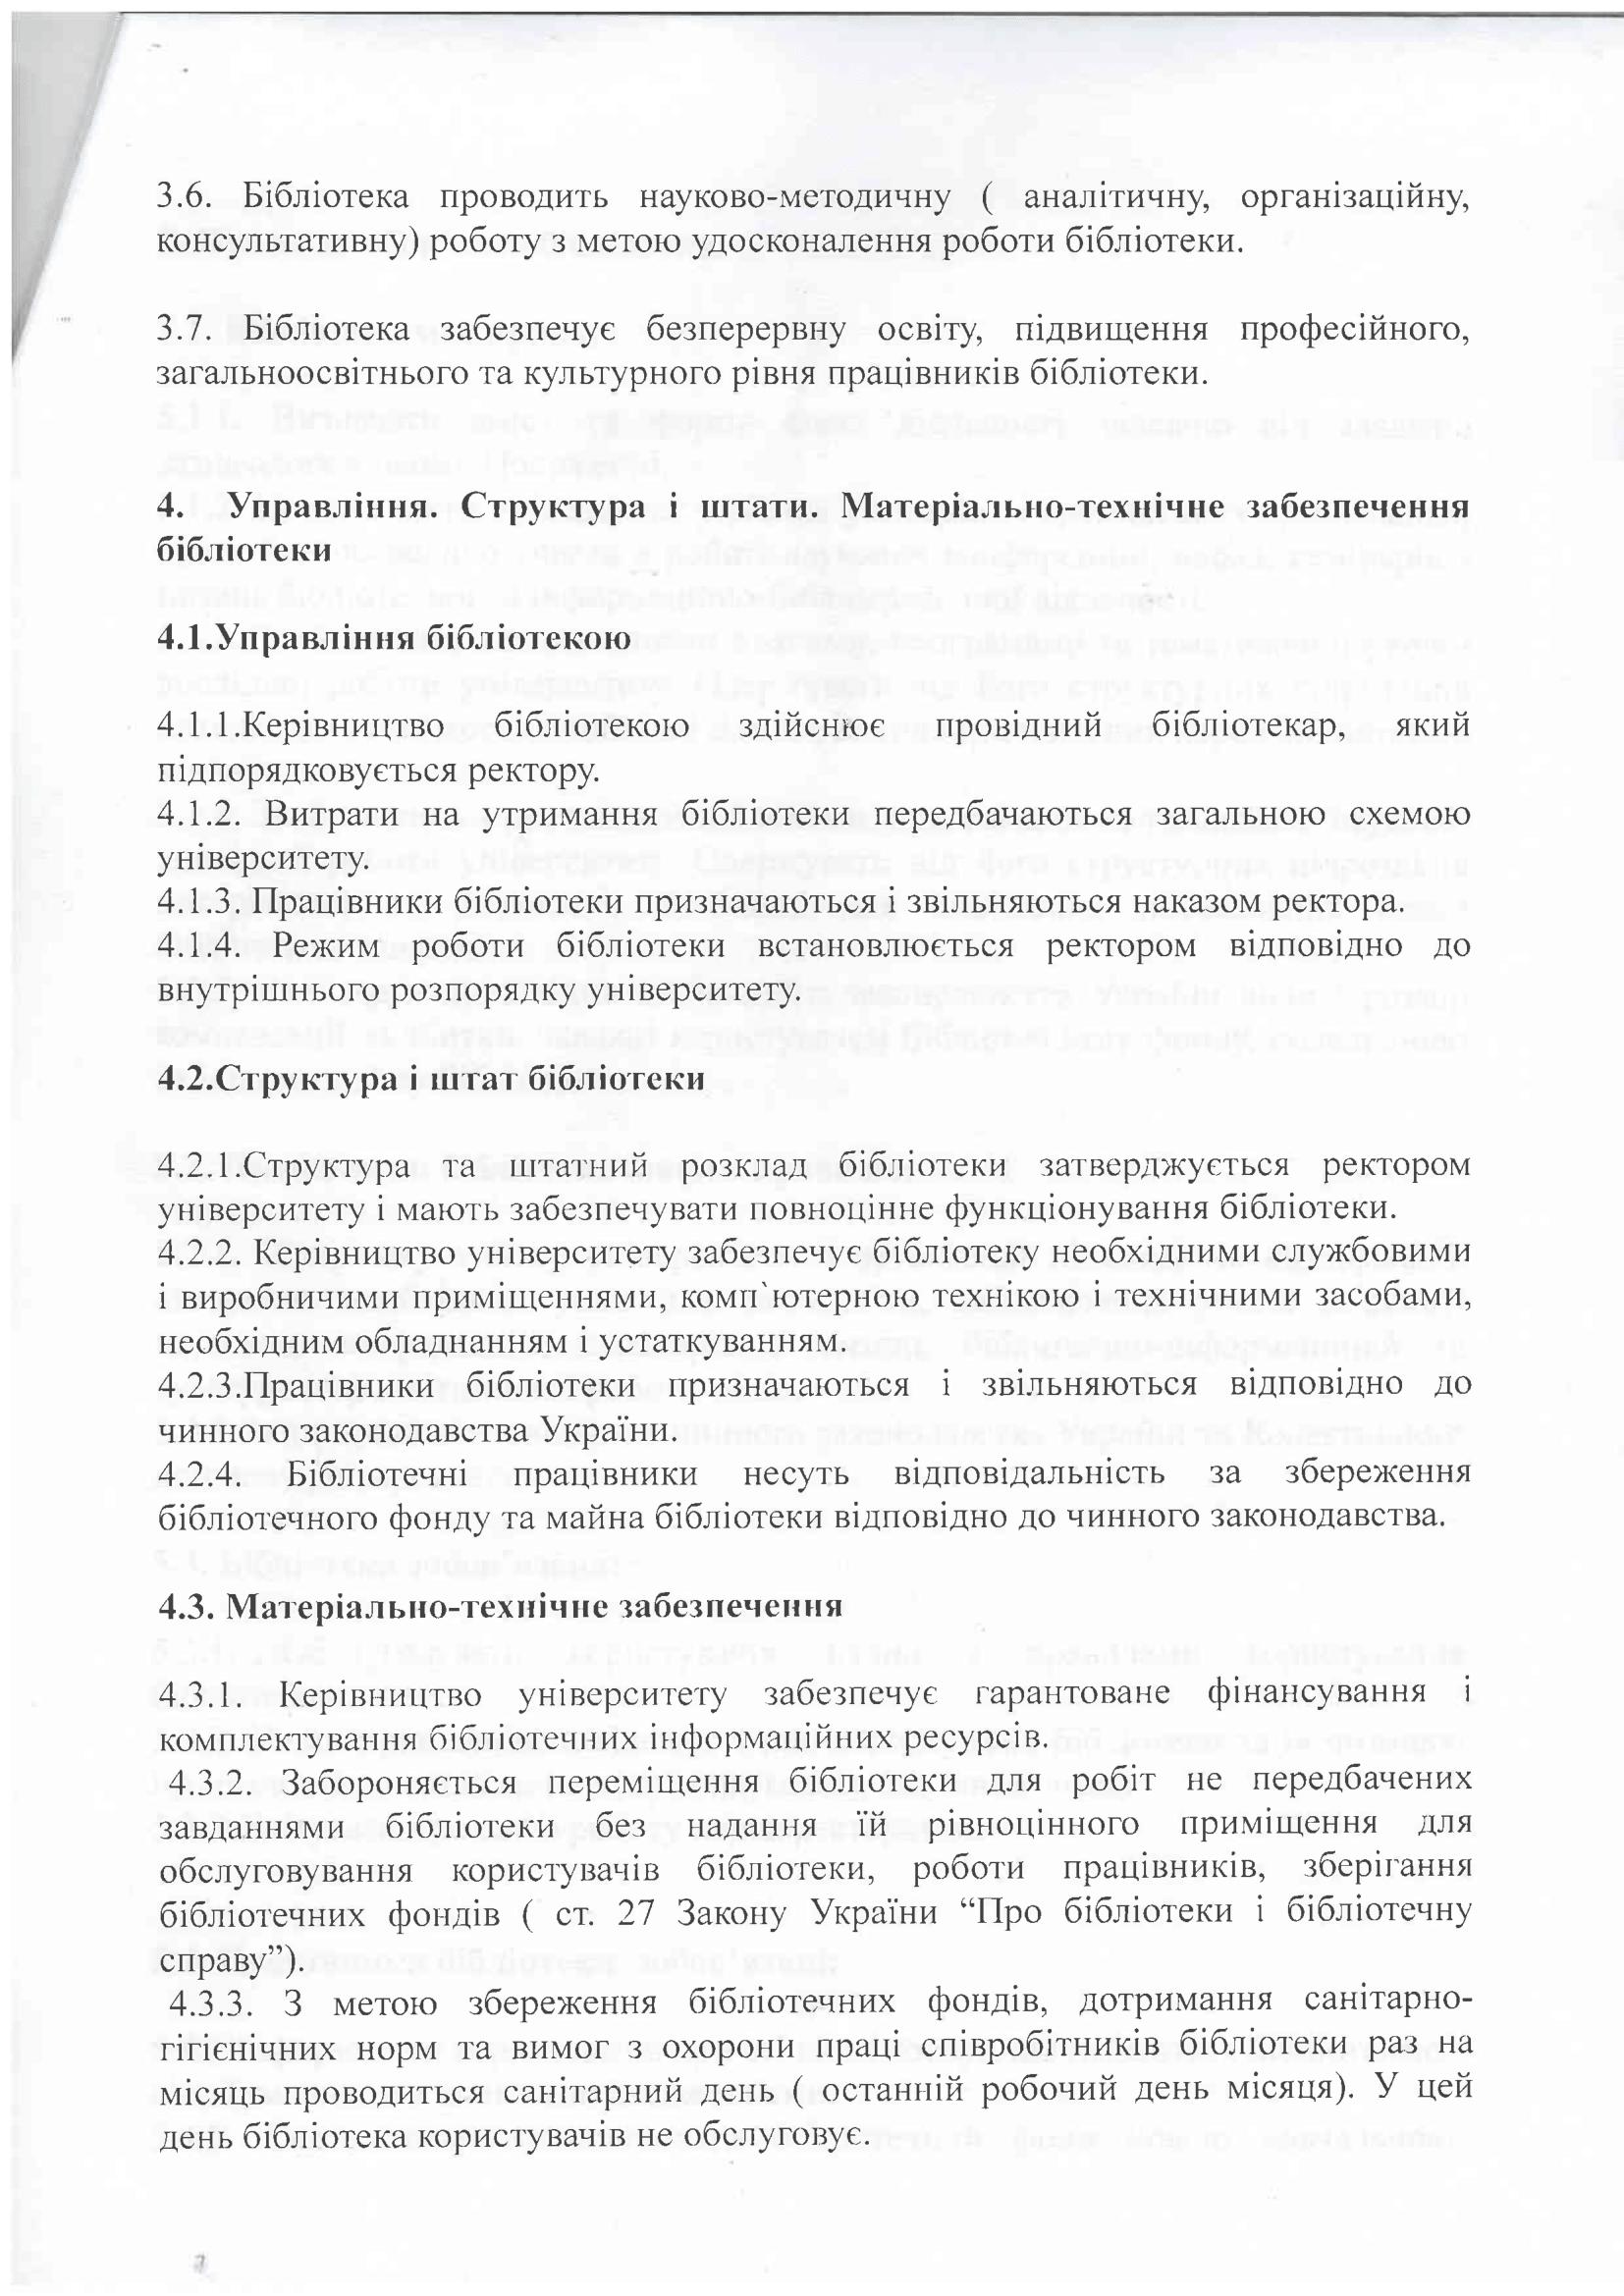 Положення про бібліотеку ДНМУ